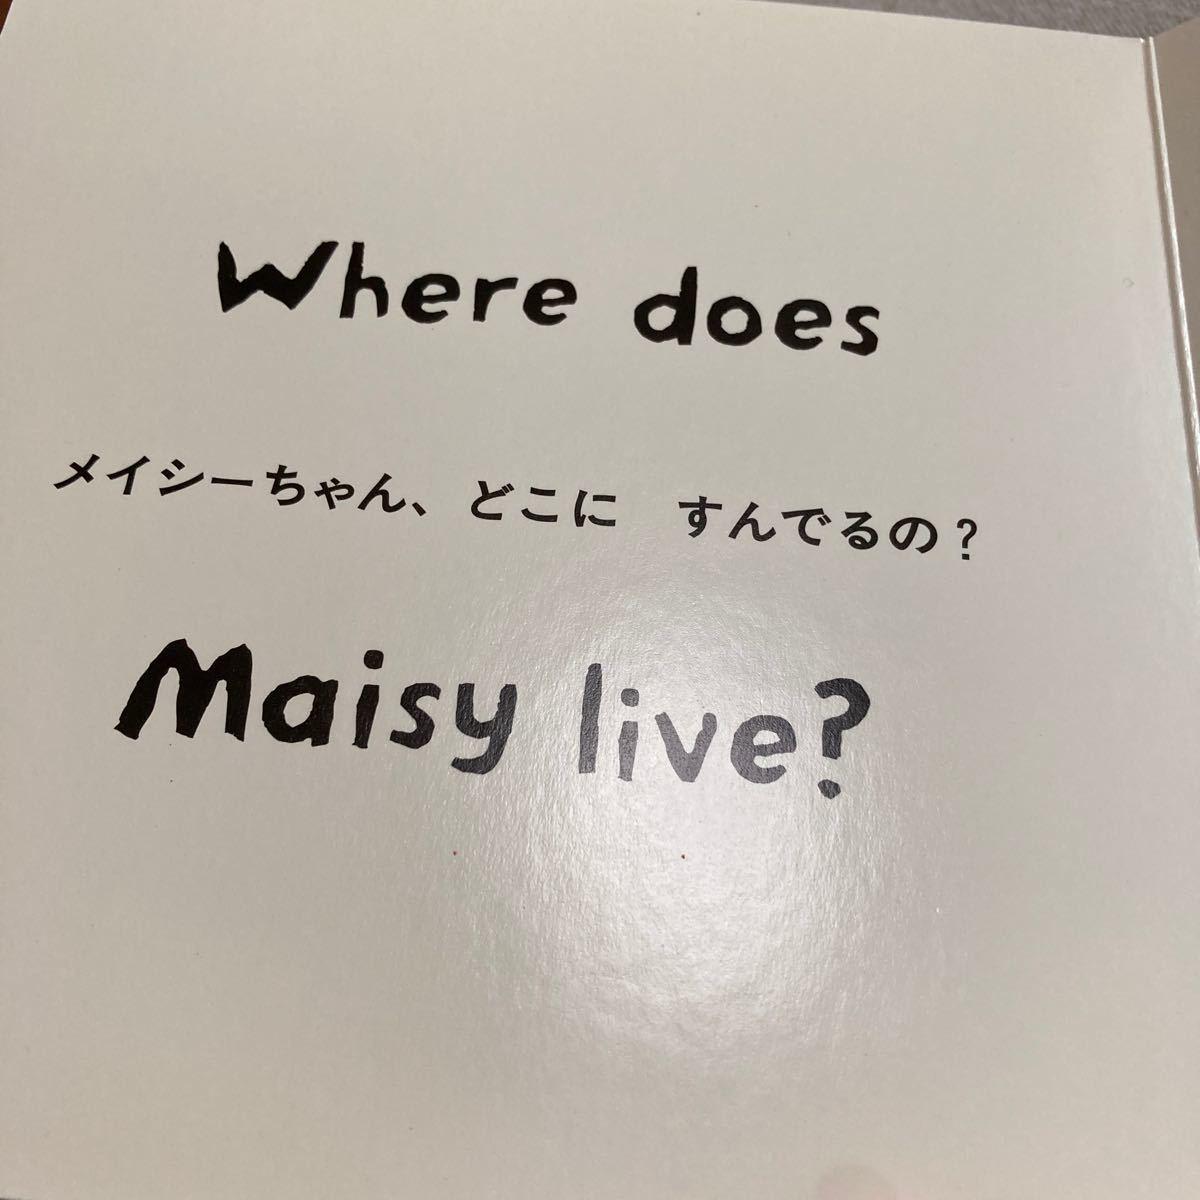 メイシーちゃんどこにすんでるの? メイシーちゃん 絵本 外国語絵本 知育 子ども しかけ絵本